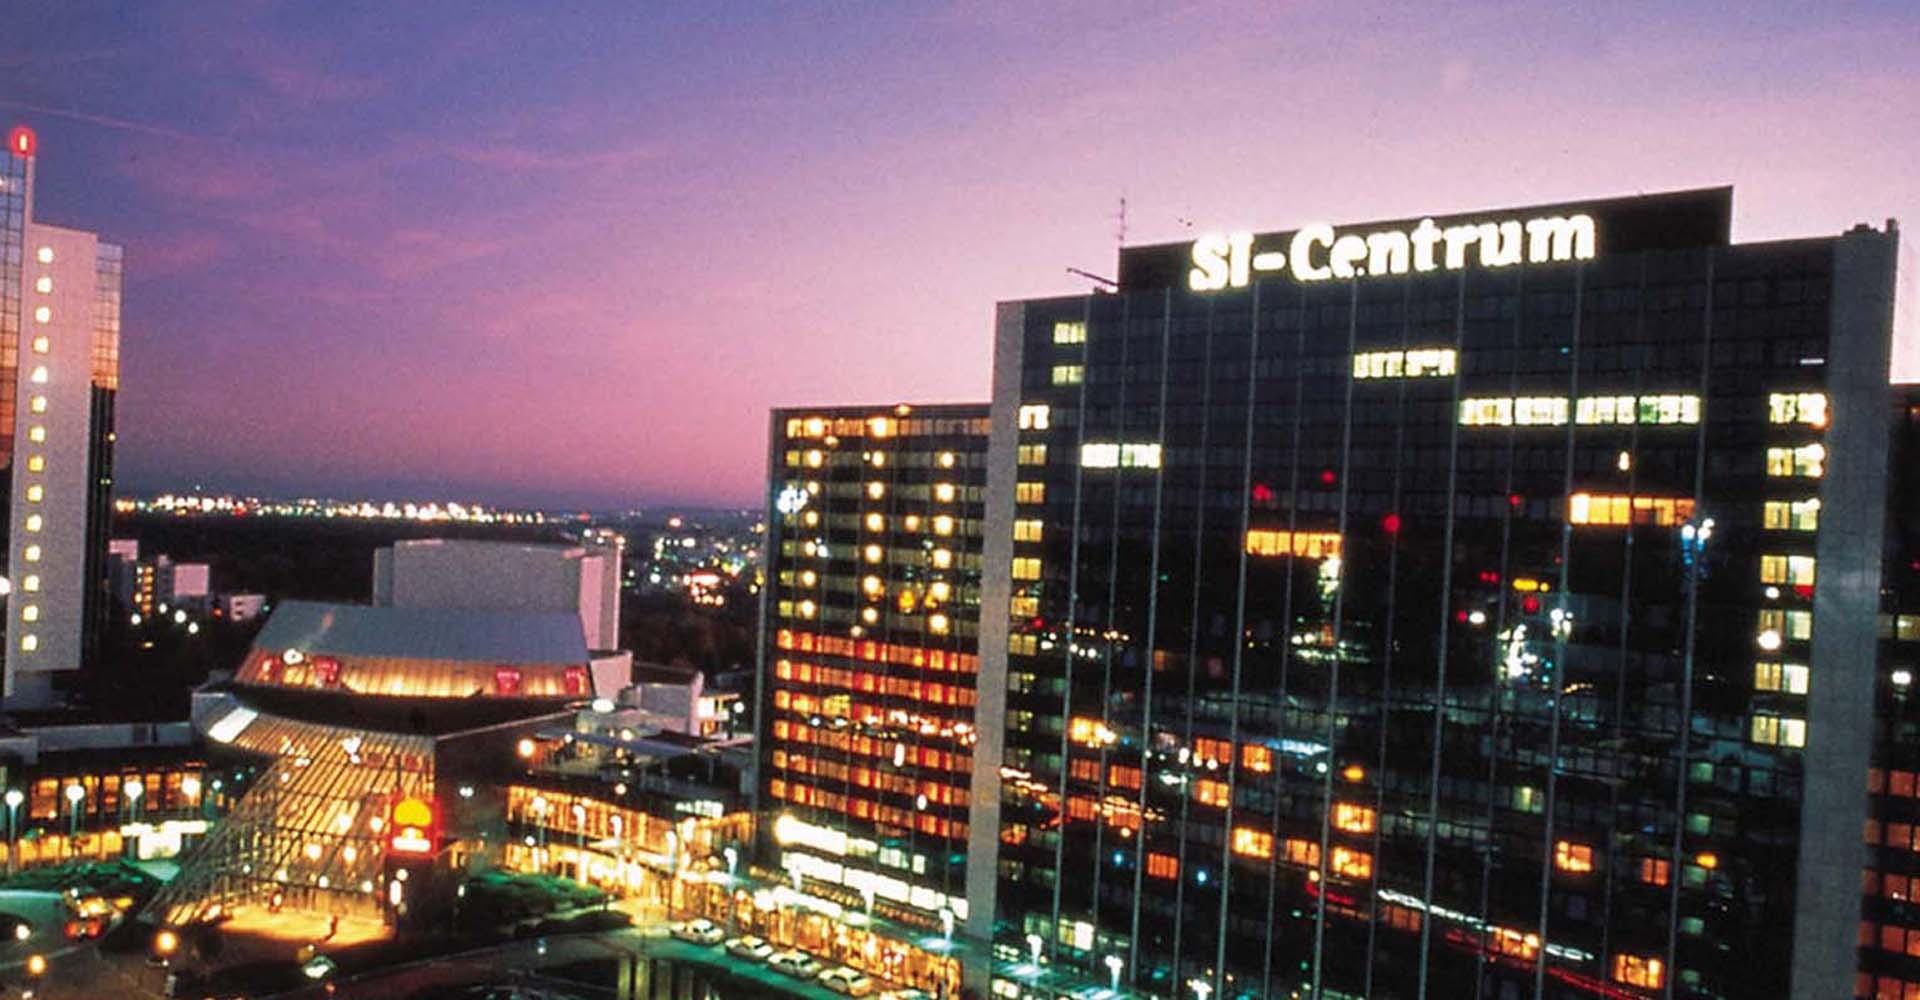 Si Centrum Casino öffnungszeiten